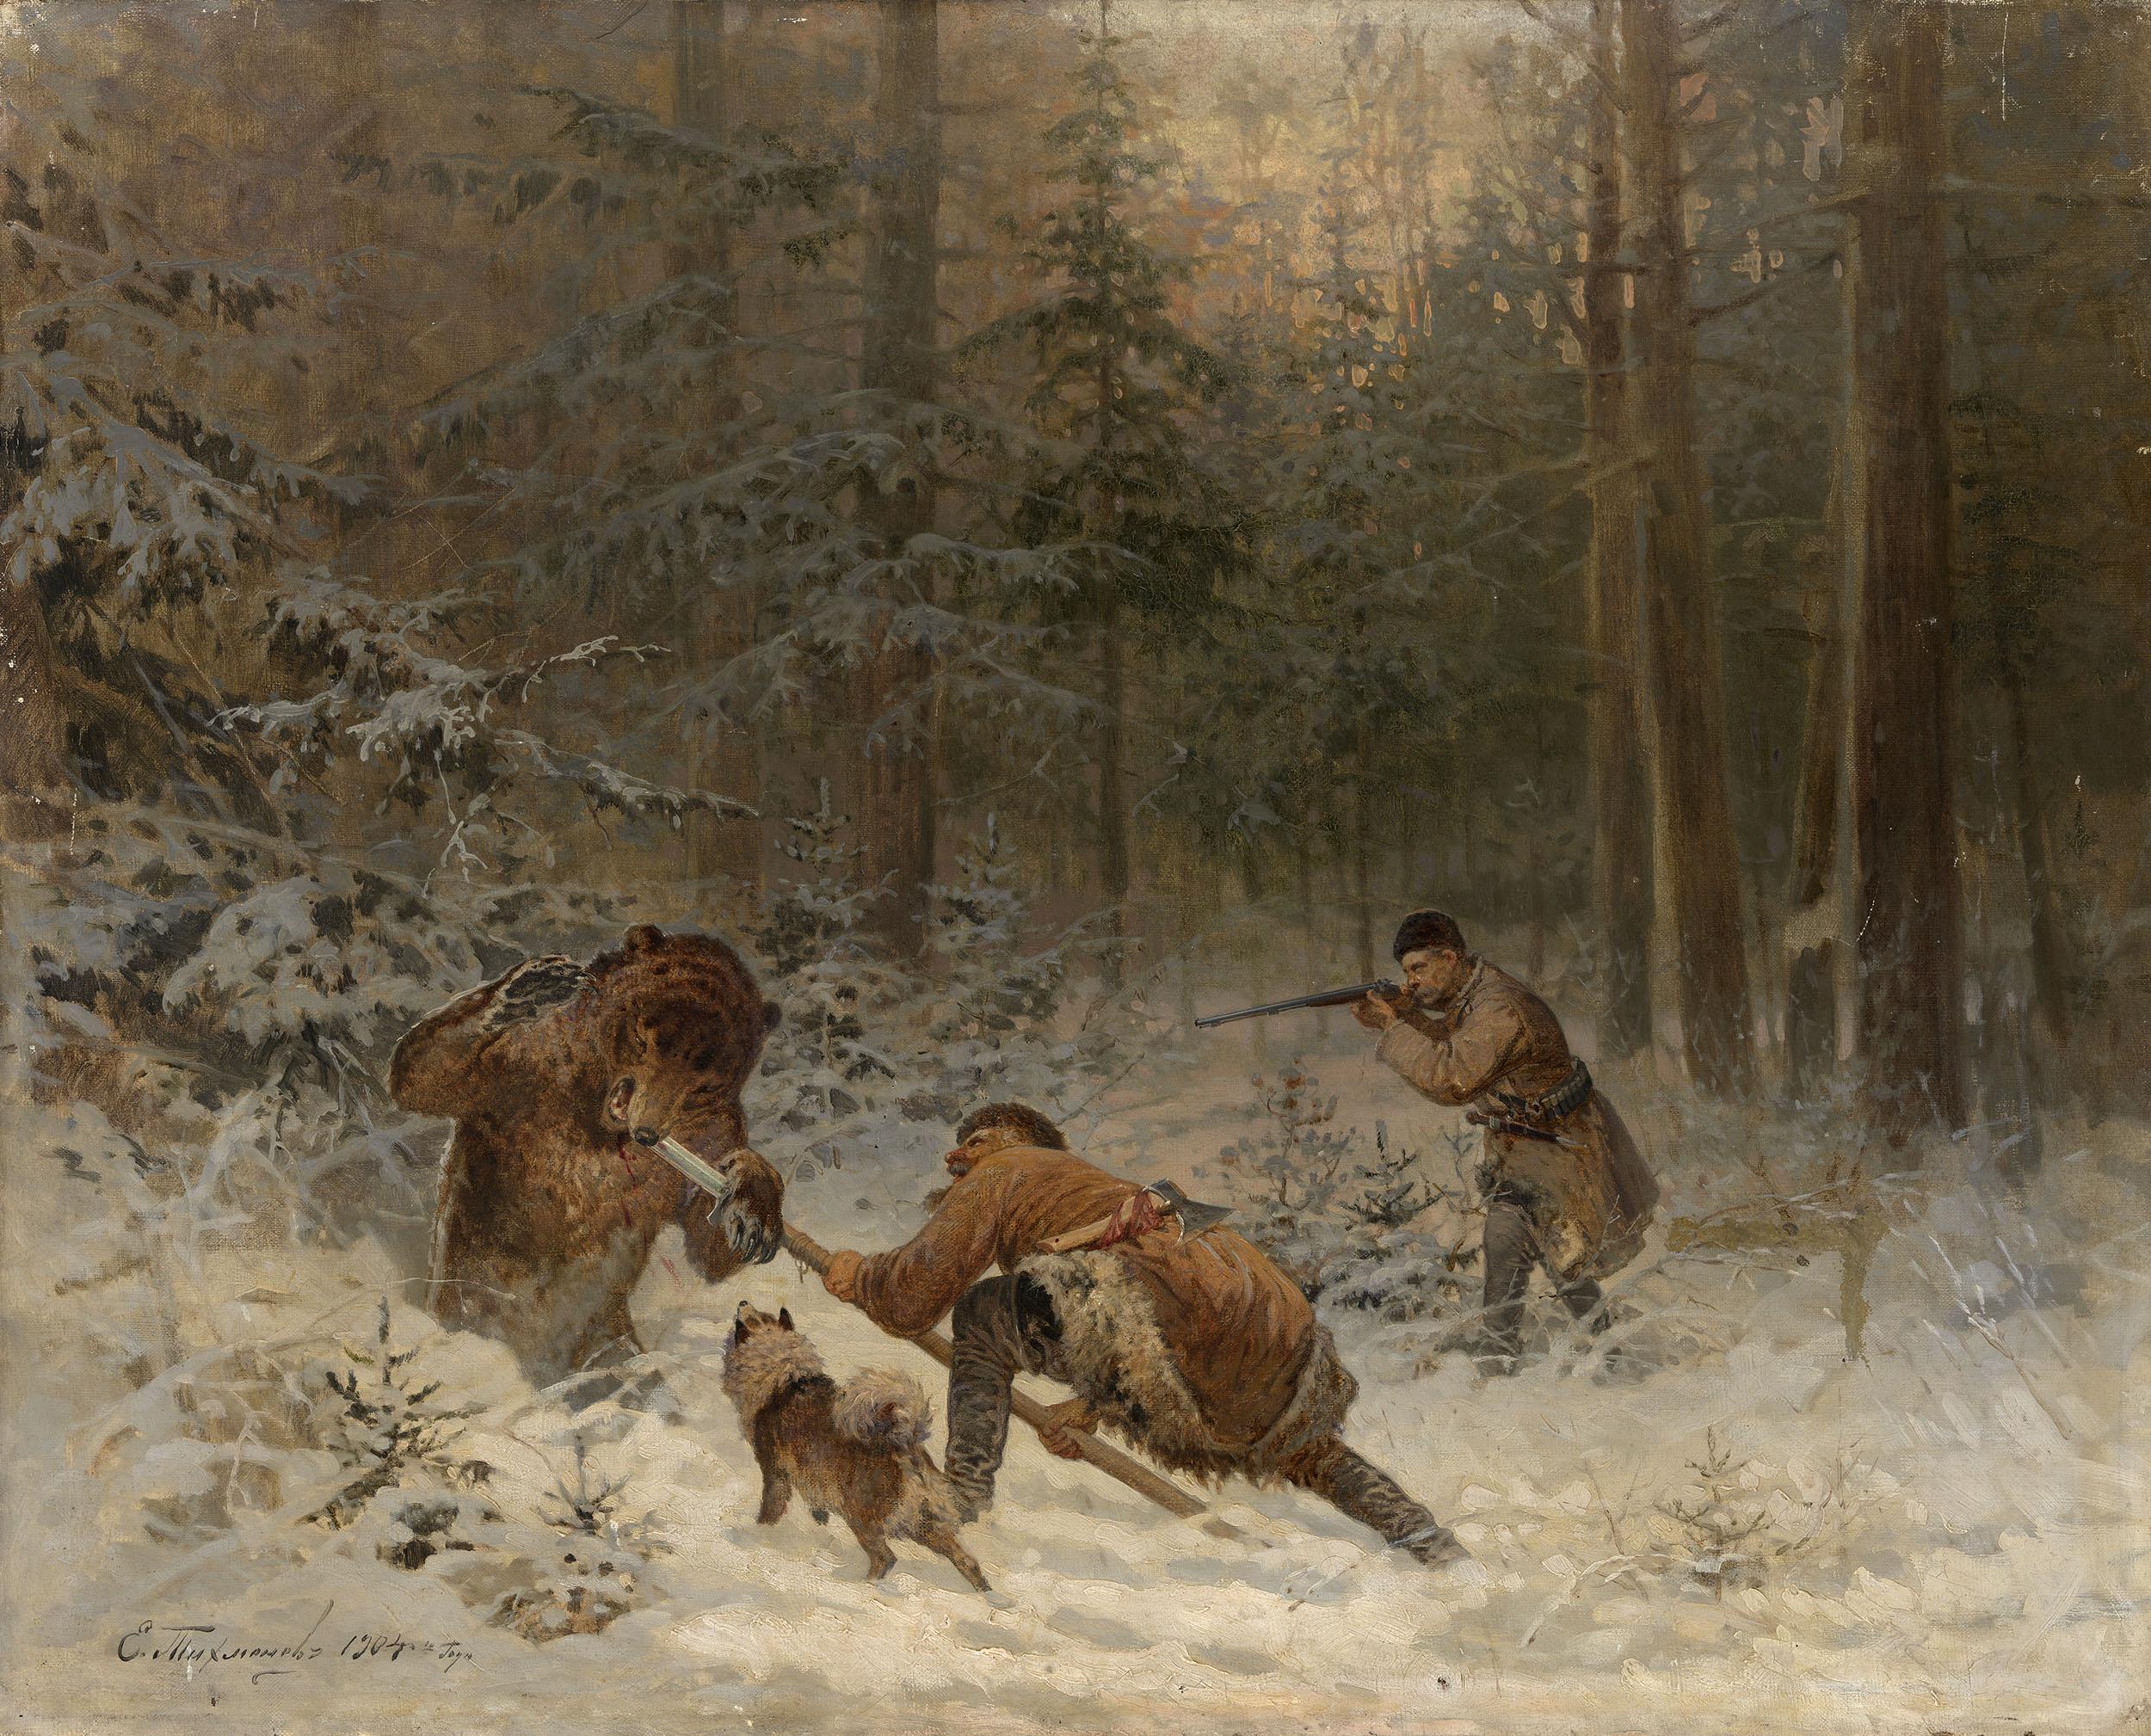 TIKHMENEV, EVGENY Bear Hunt